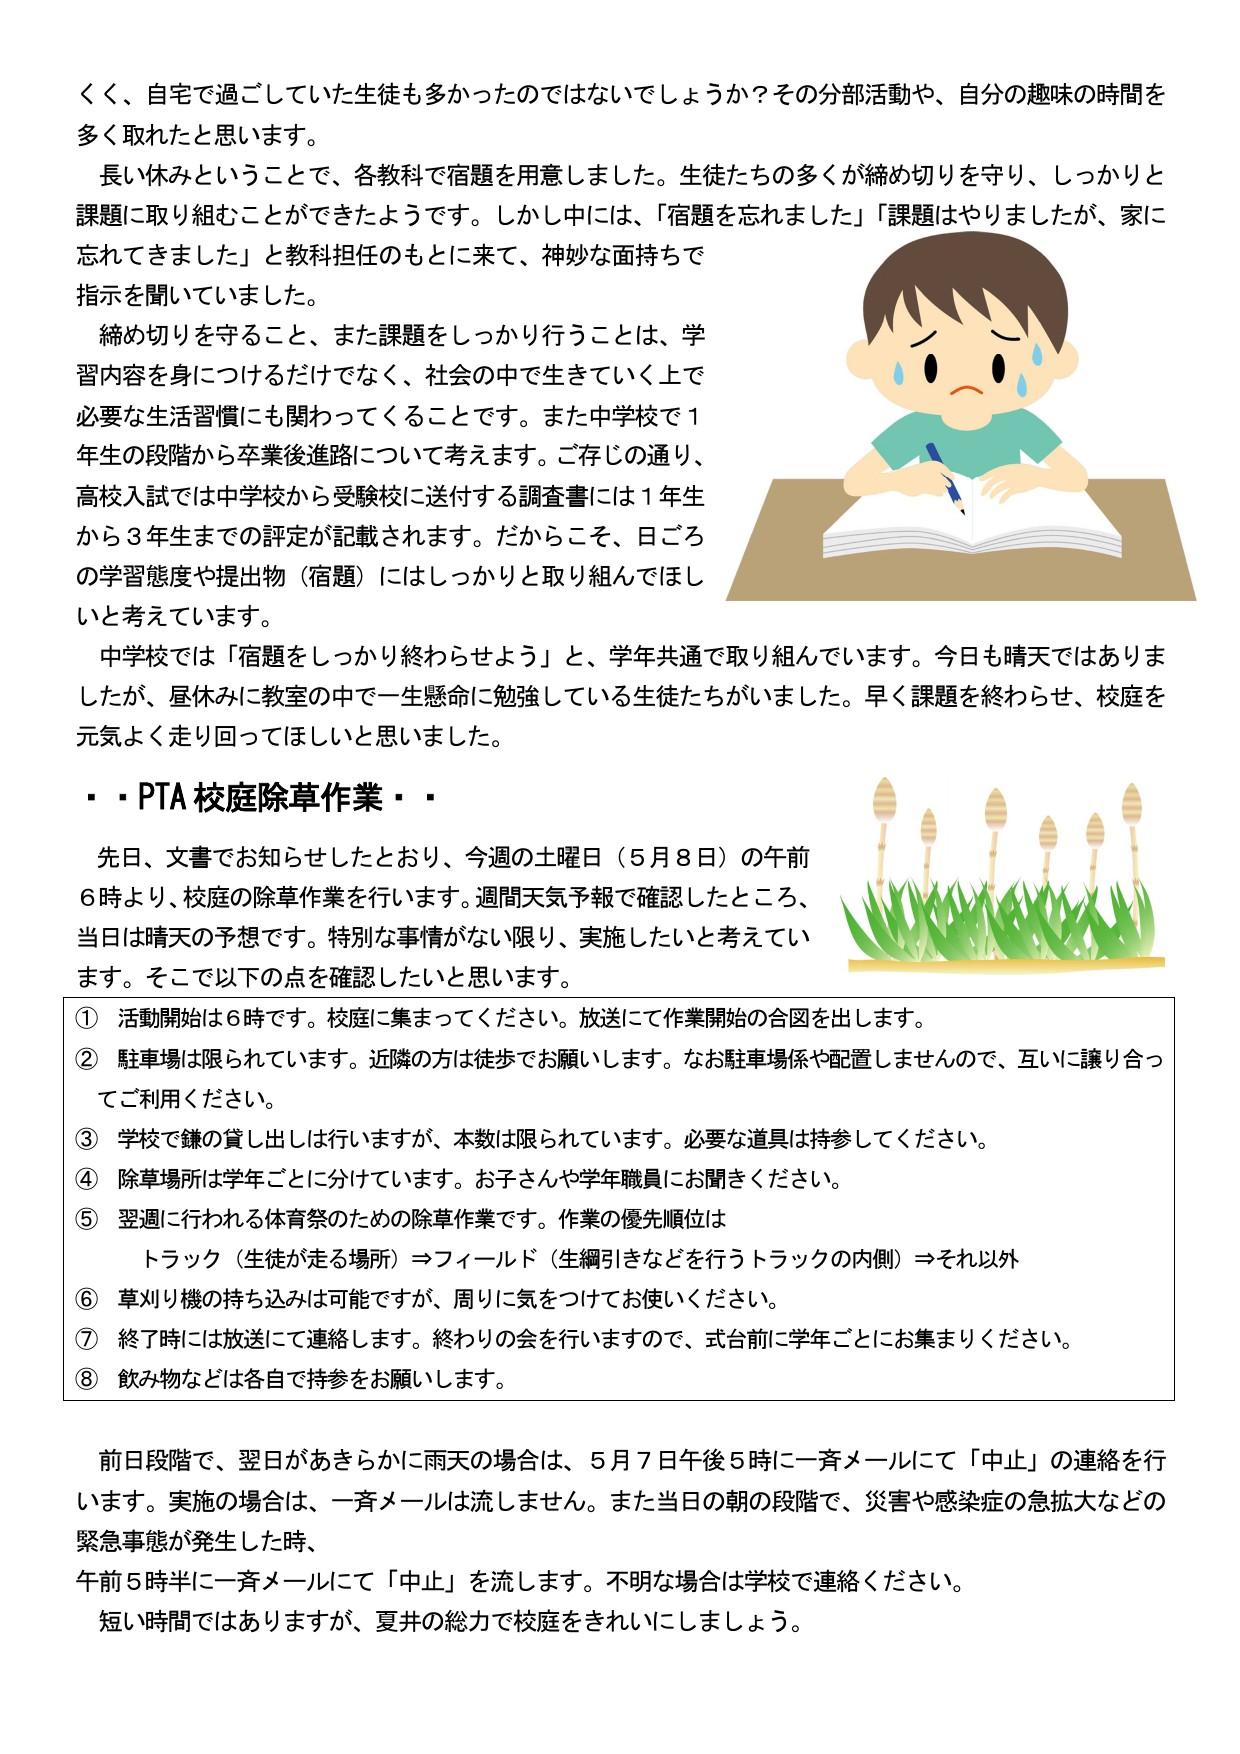 夏井中学校だより(令和3年5月7日)2ページ